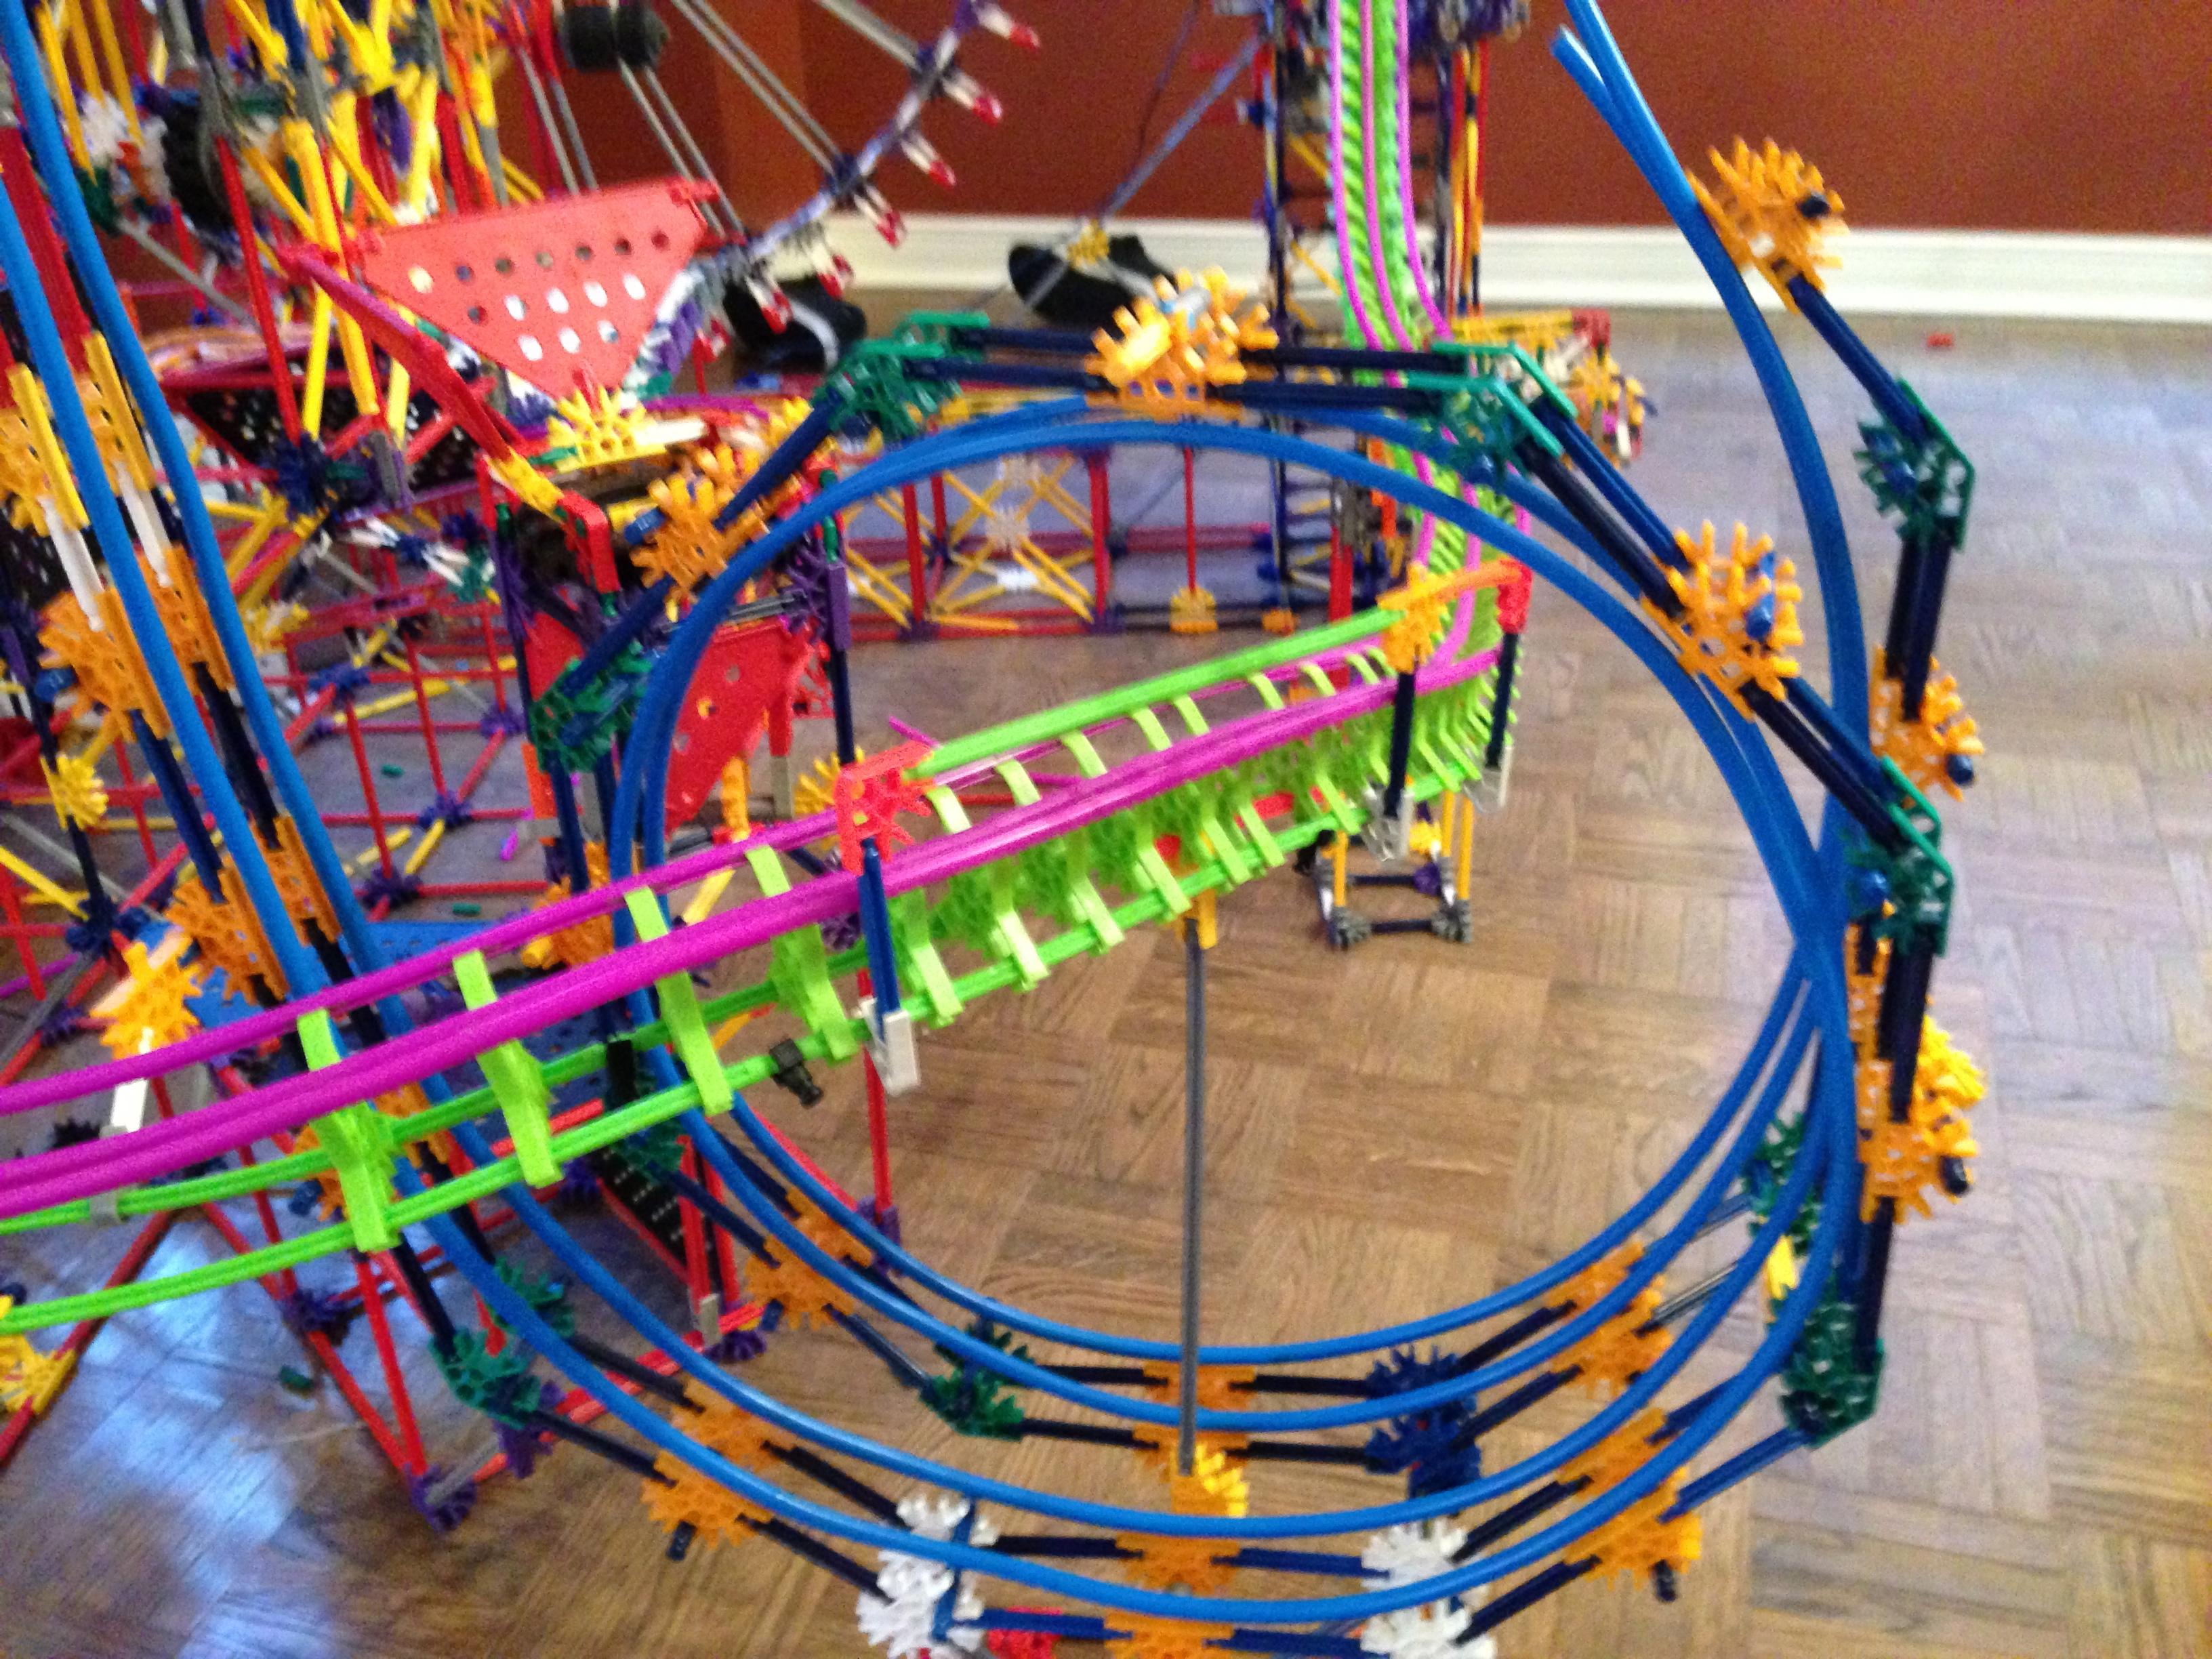 Picture of Olympus the Third - K'nex Ball Machine